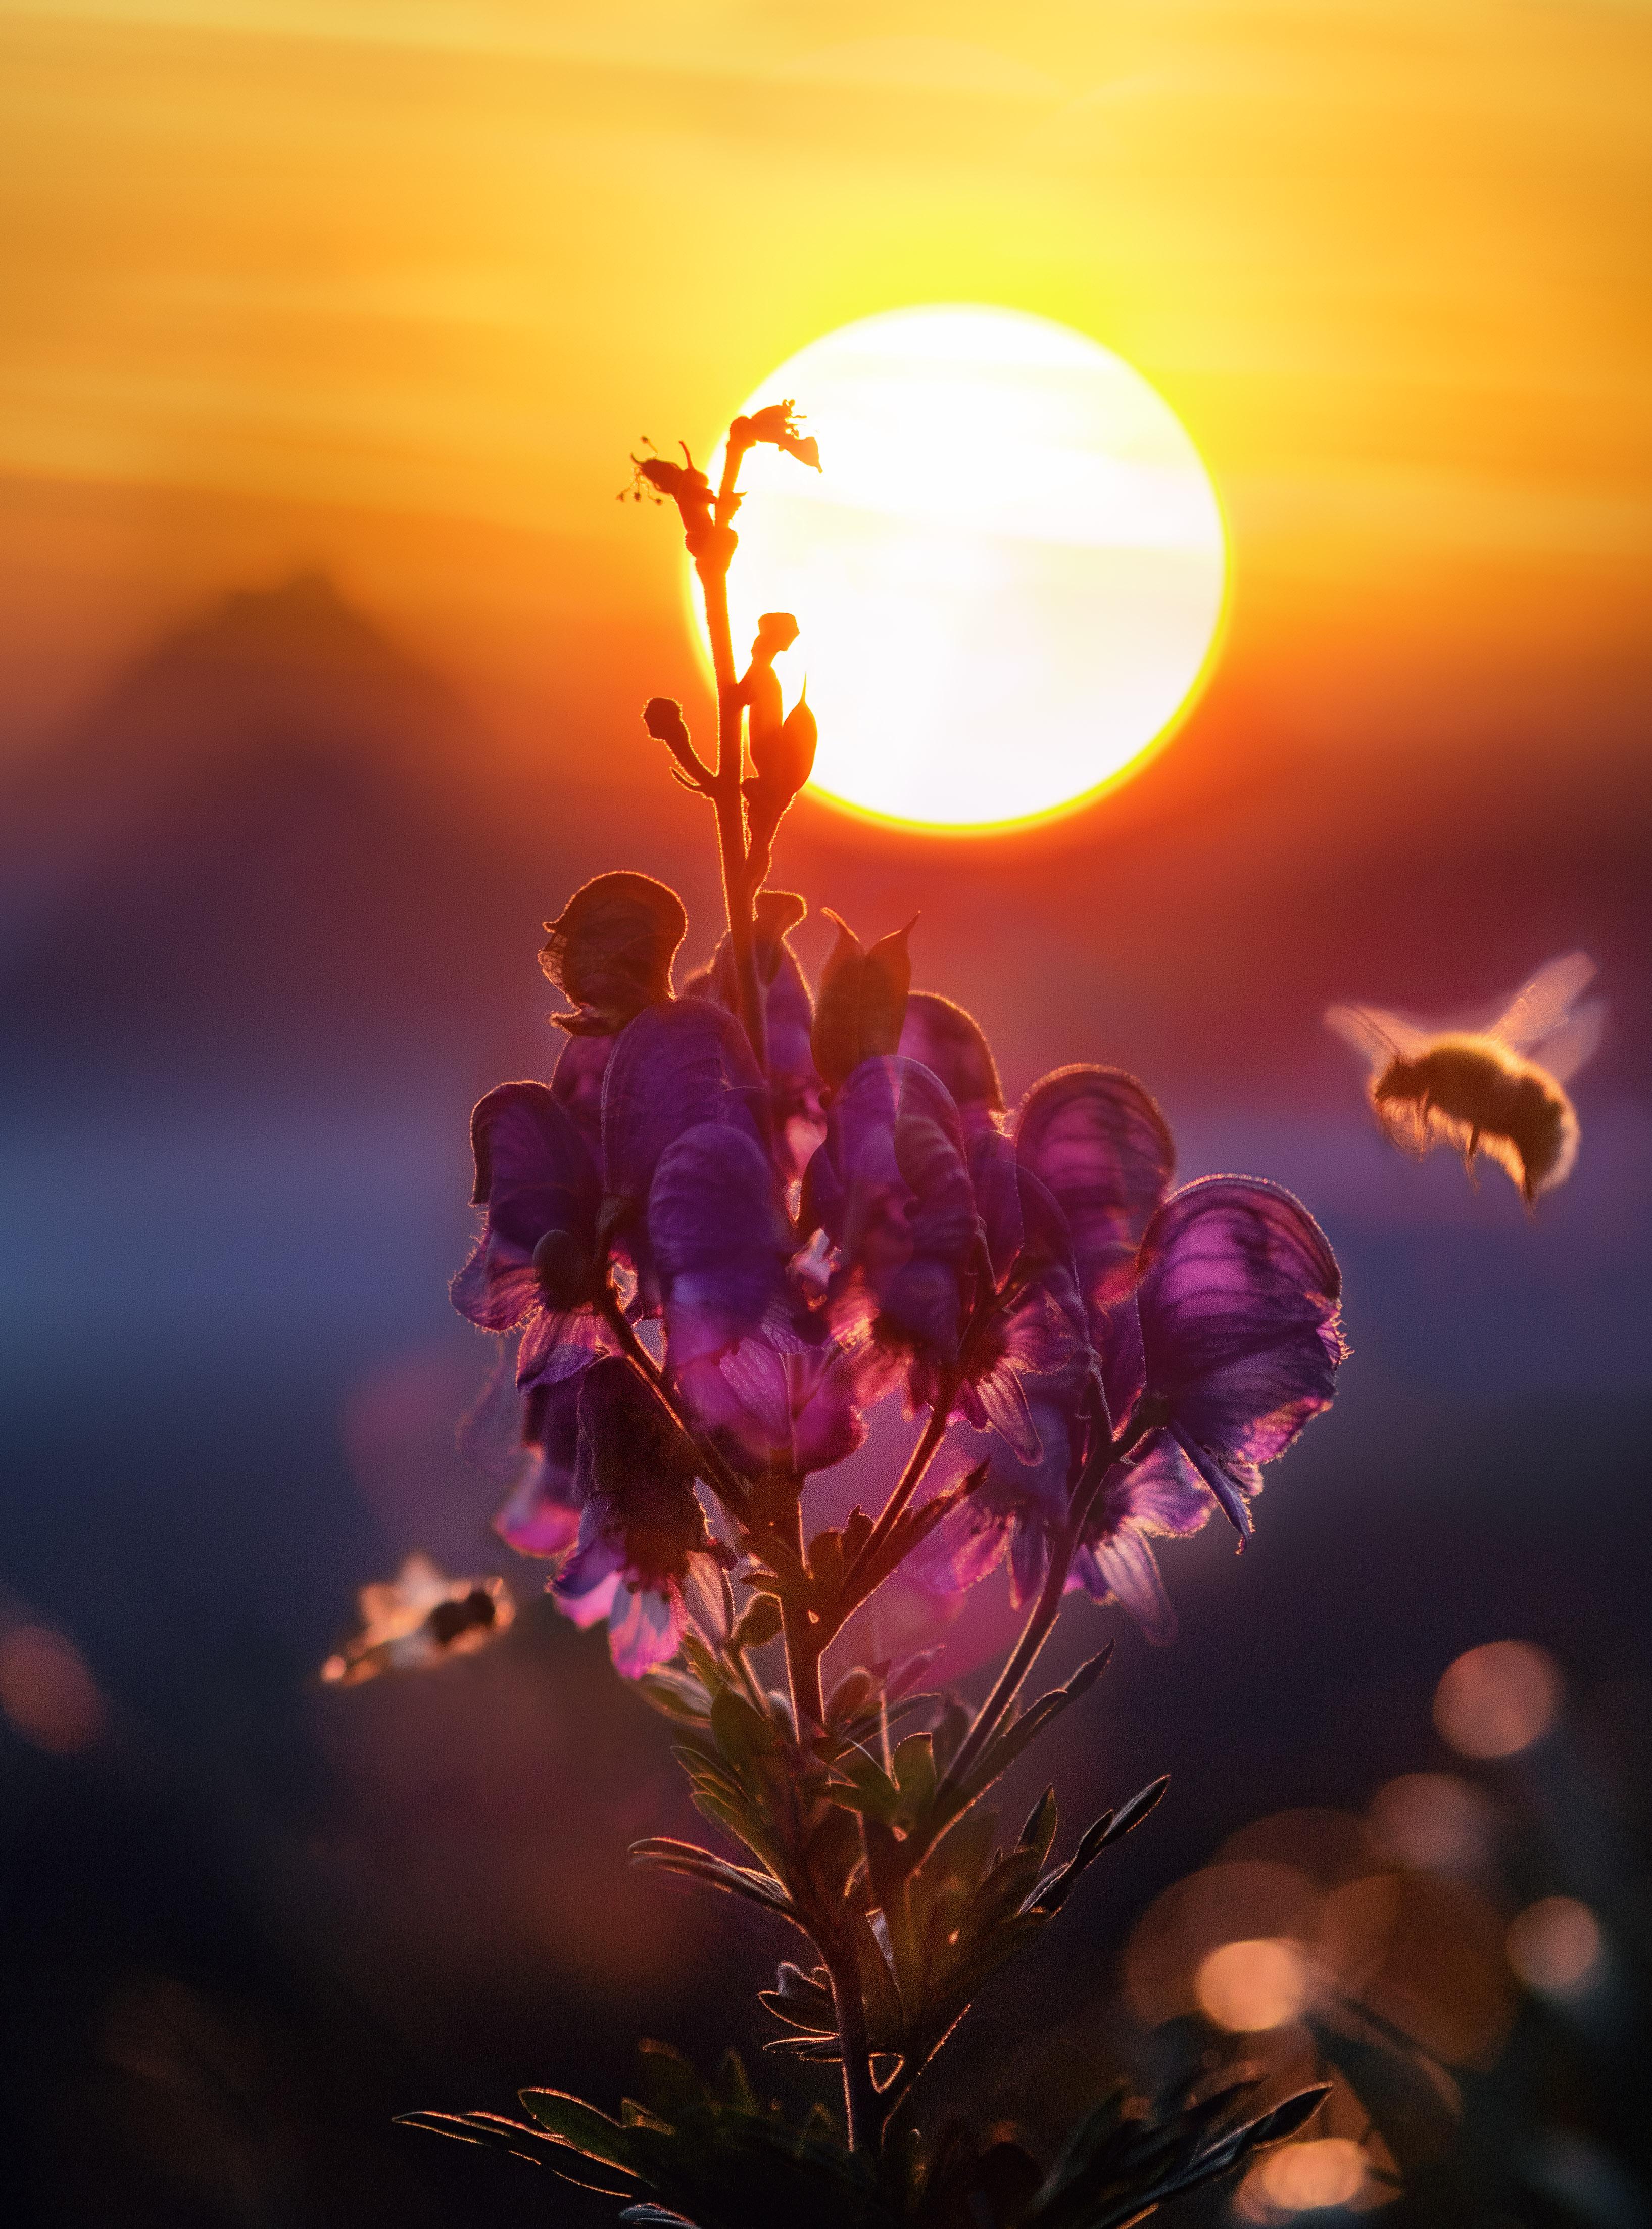 уже картинка солнечного вечера время